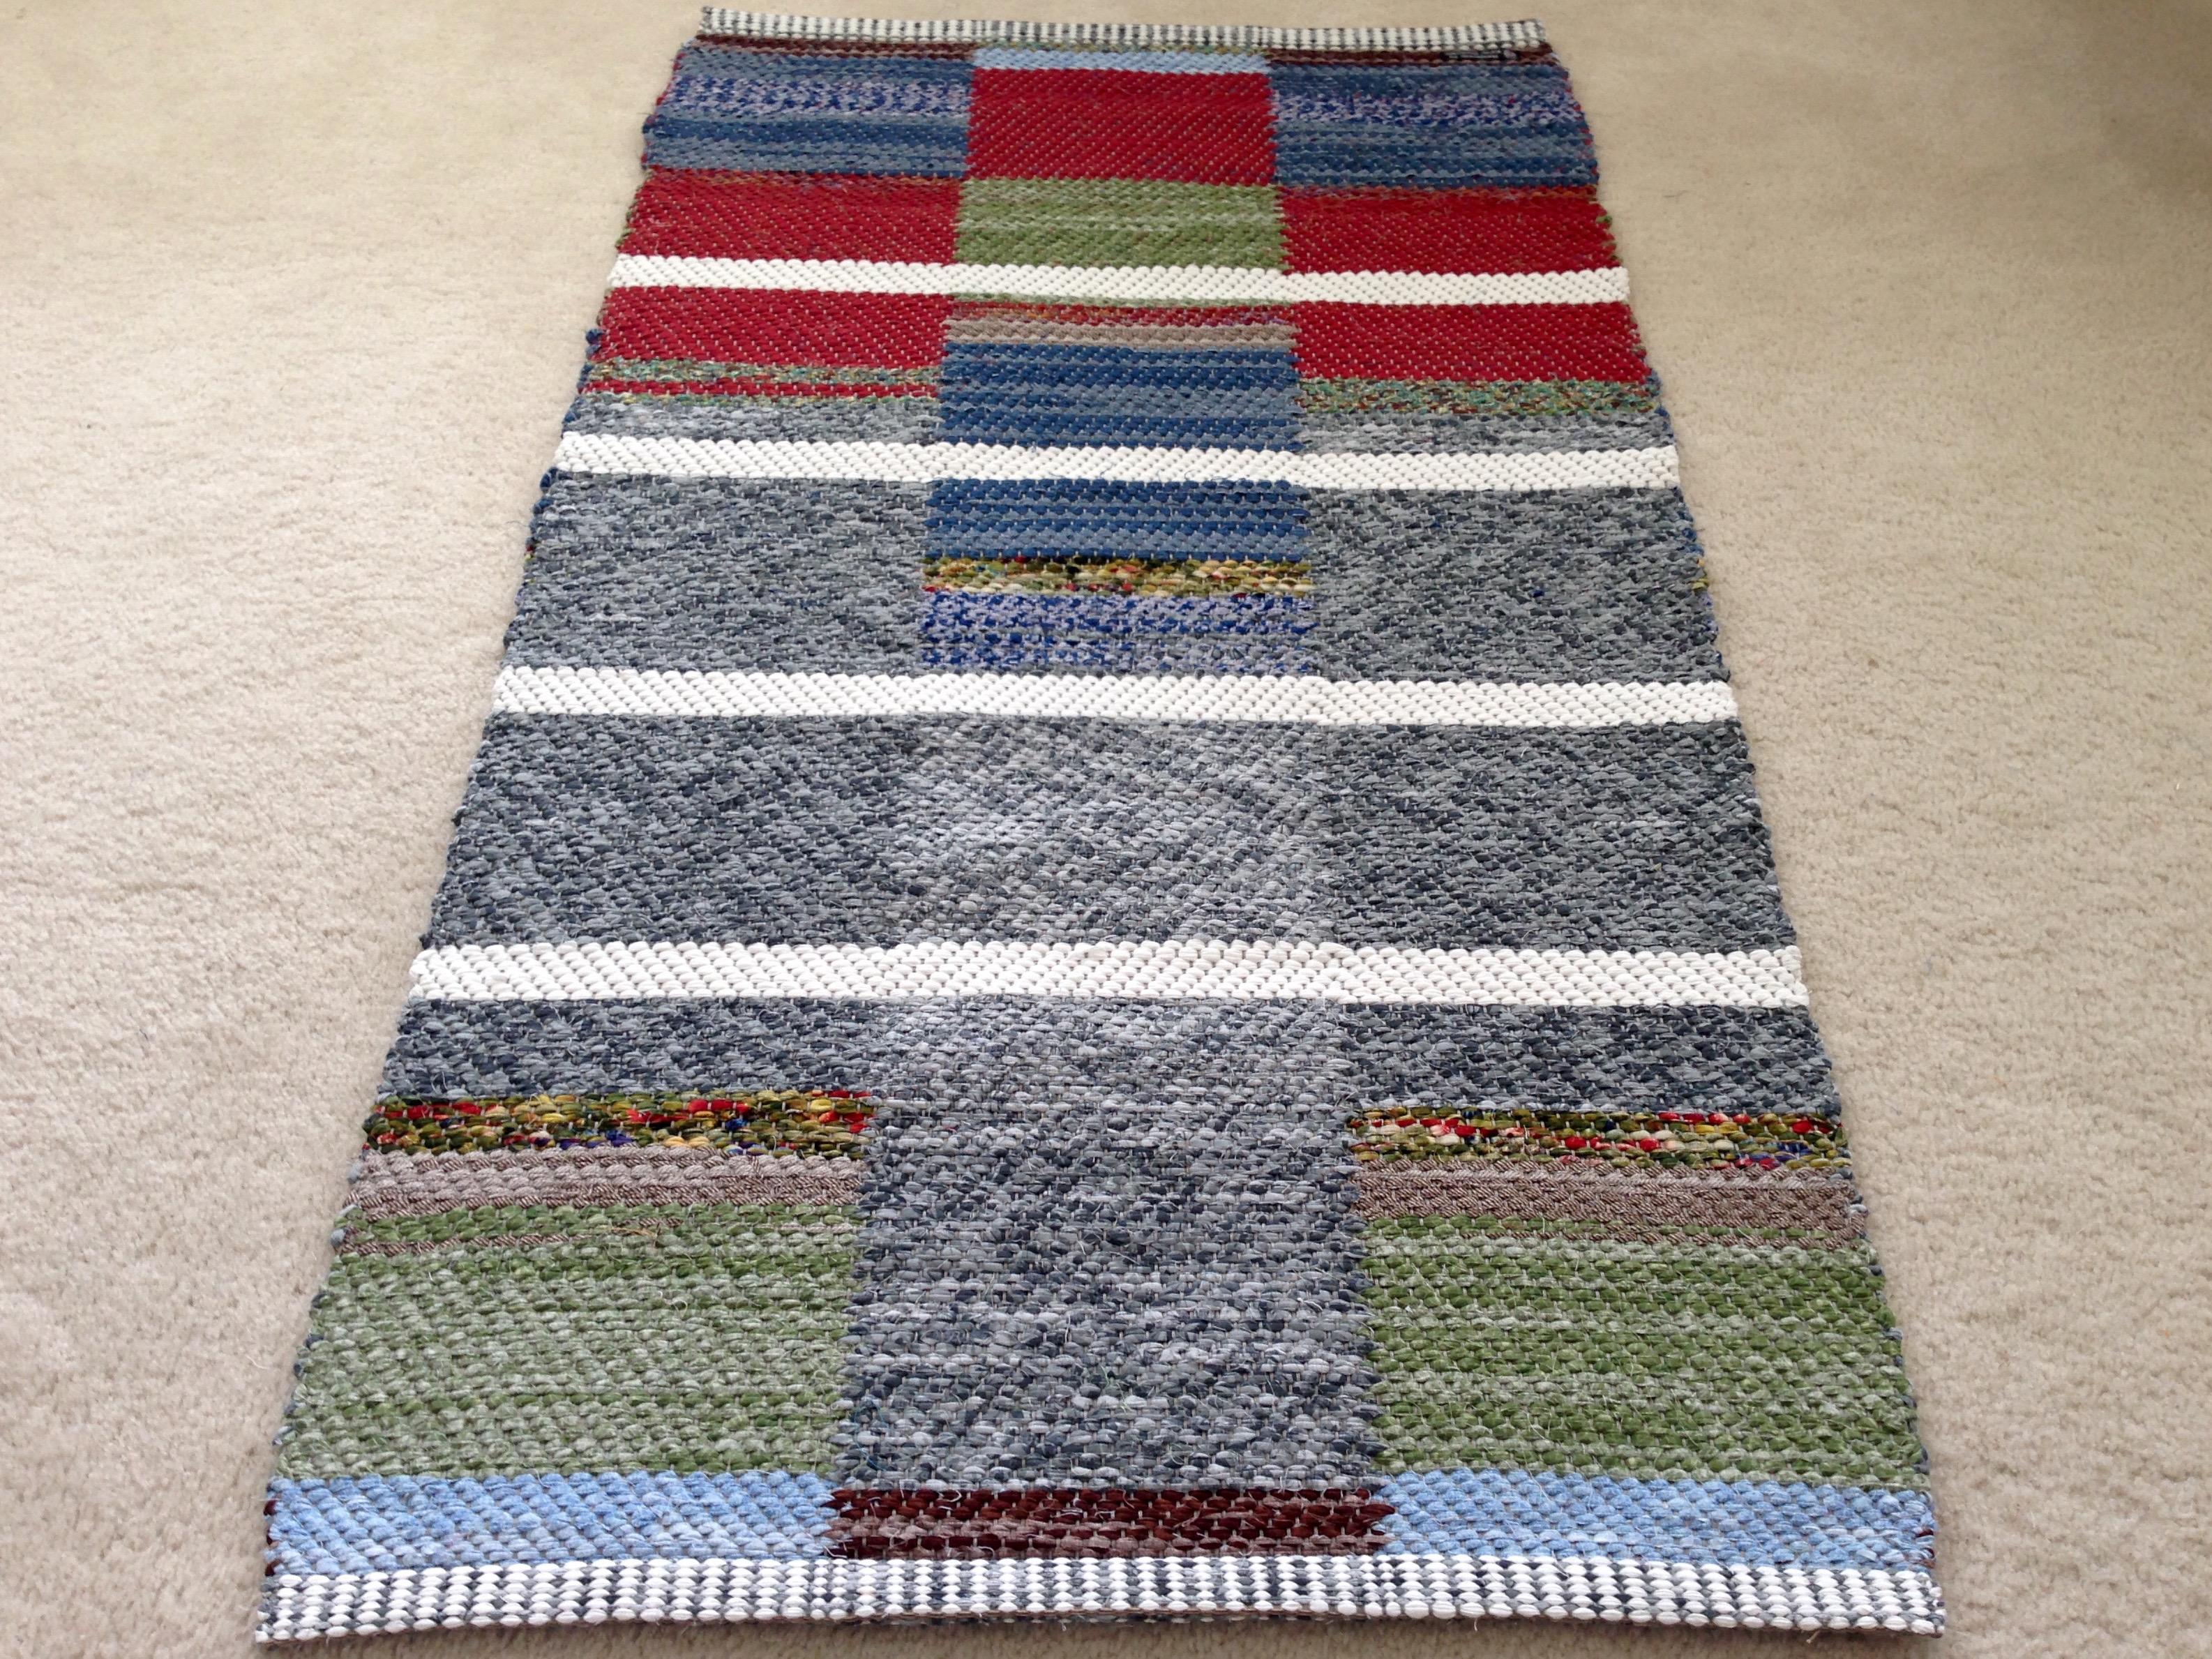 double binding twill rag rug